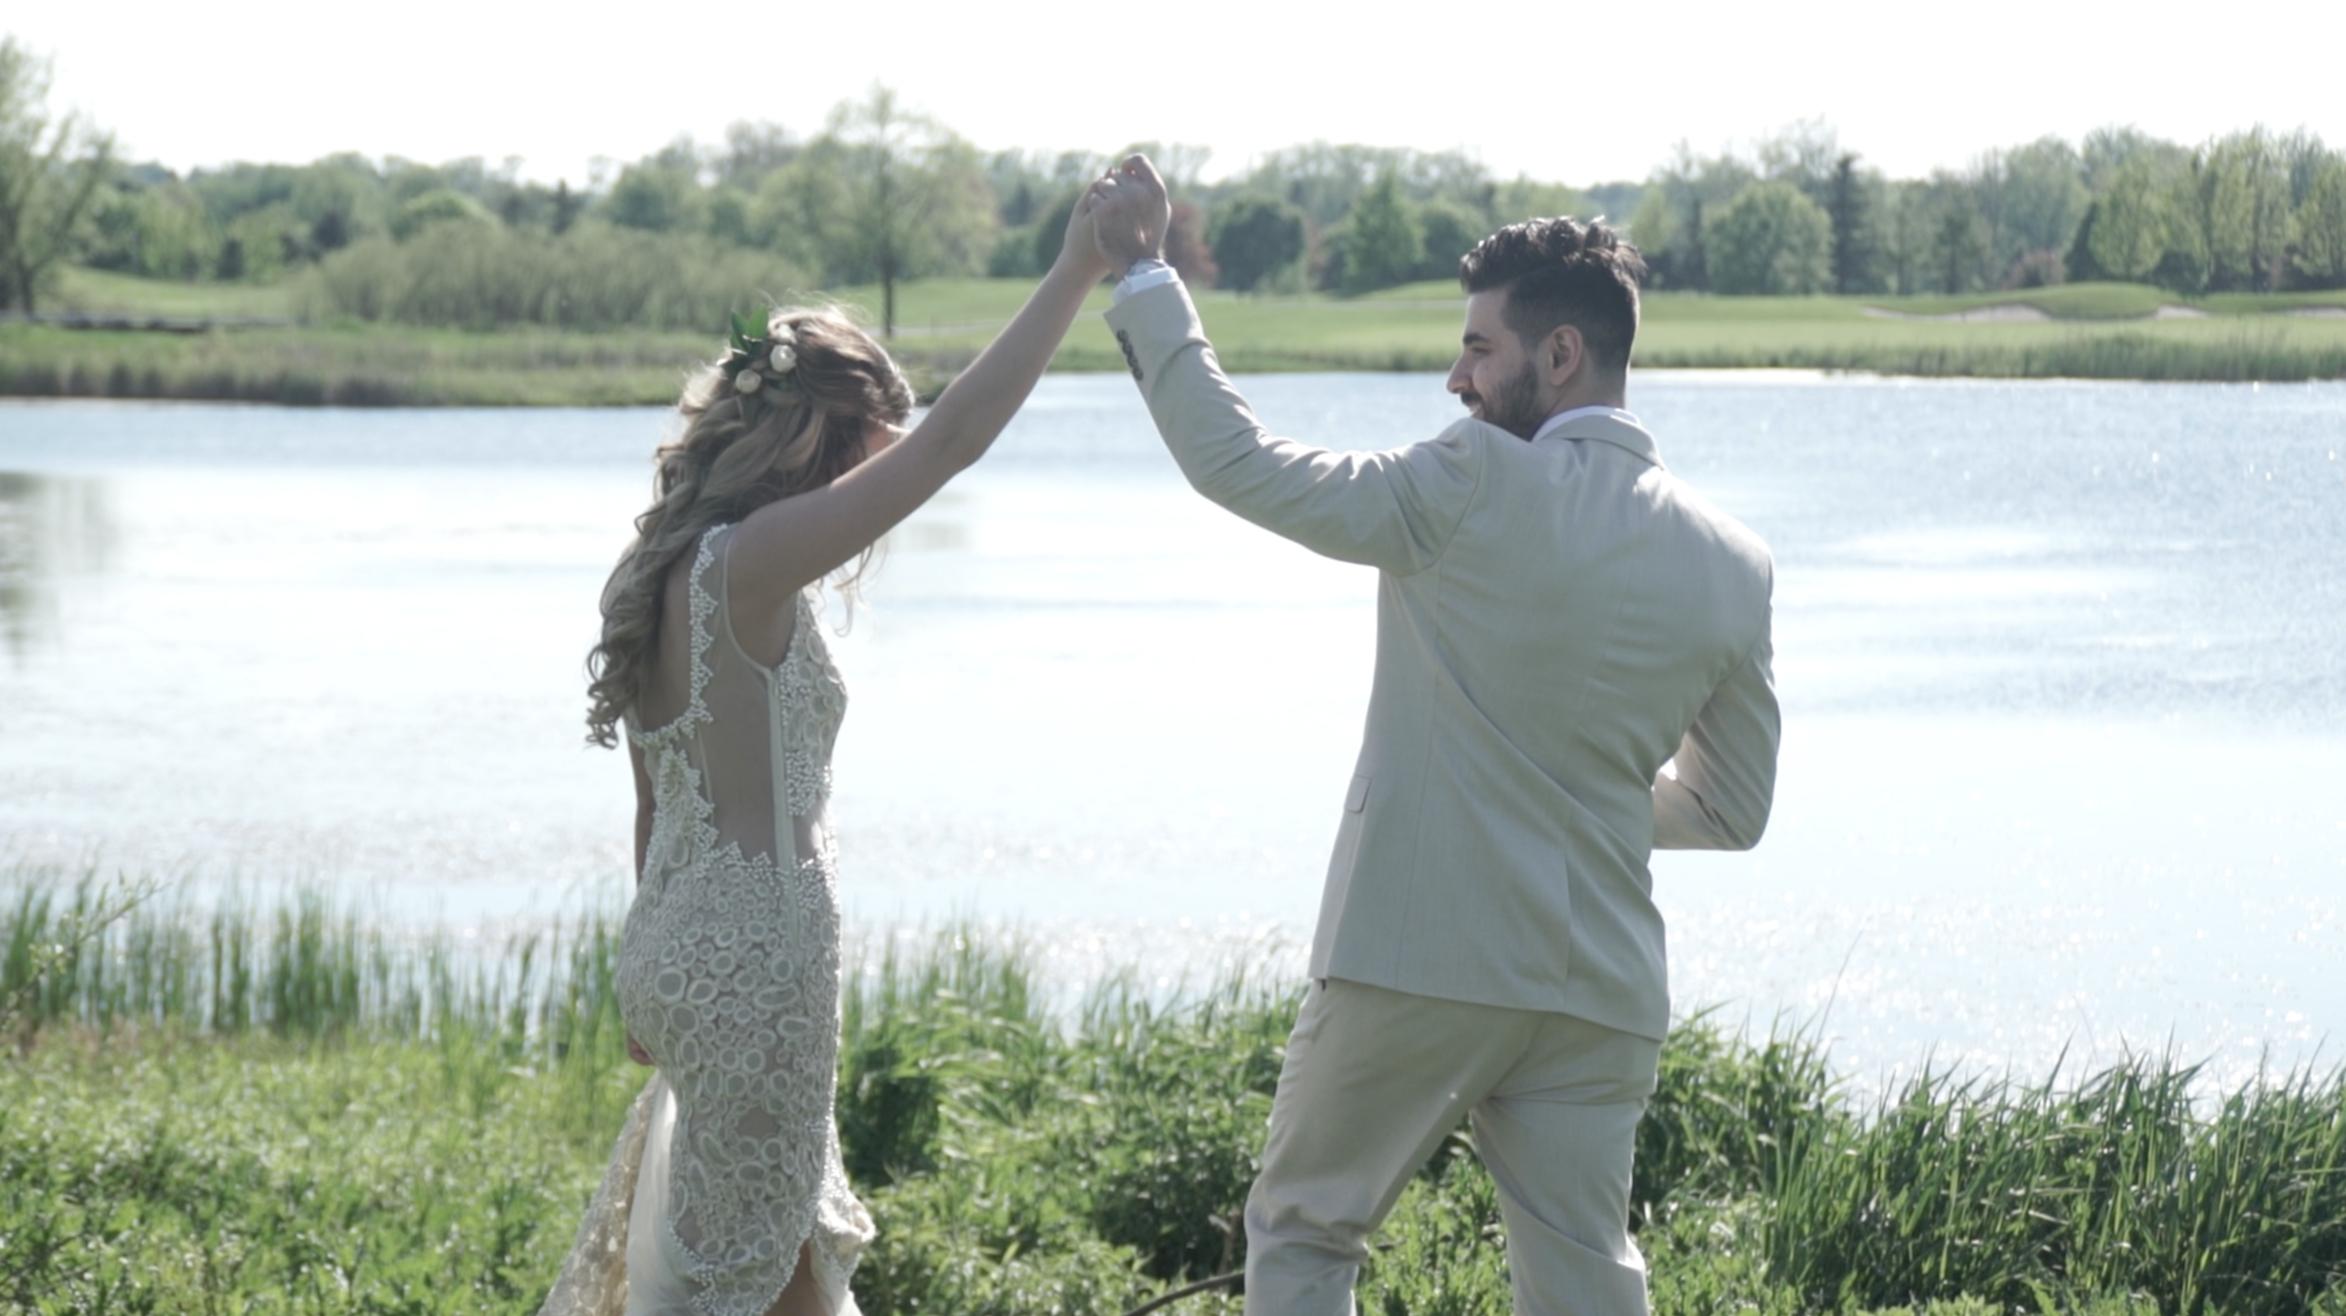 Mahsa & Peyman's - Engagement